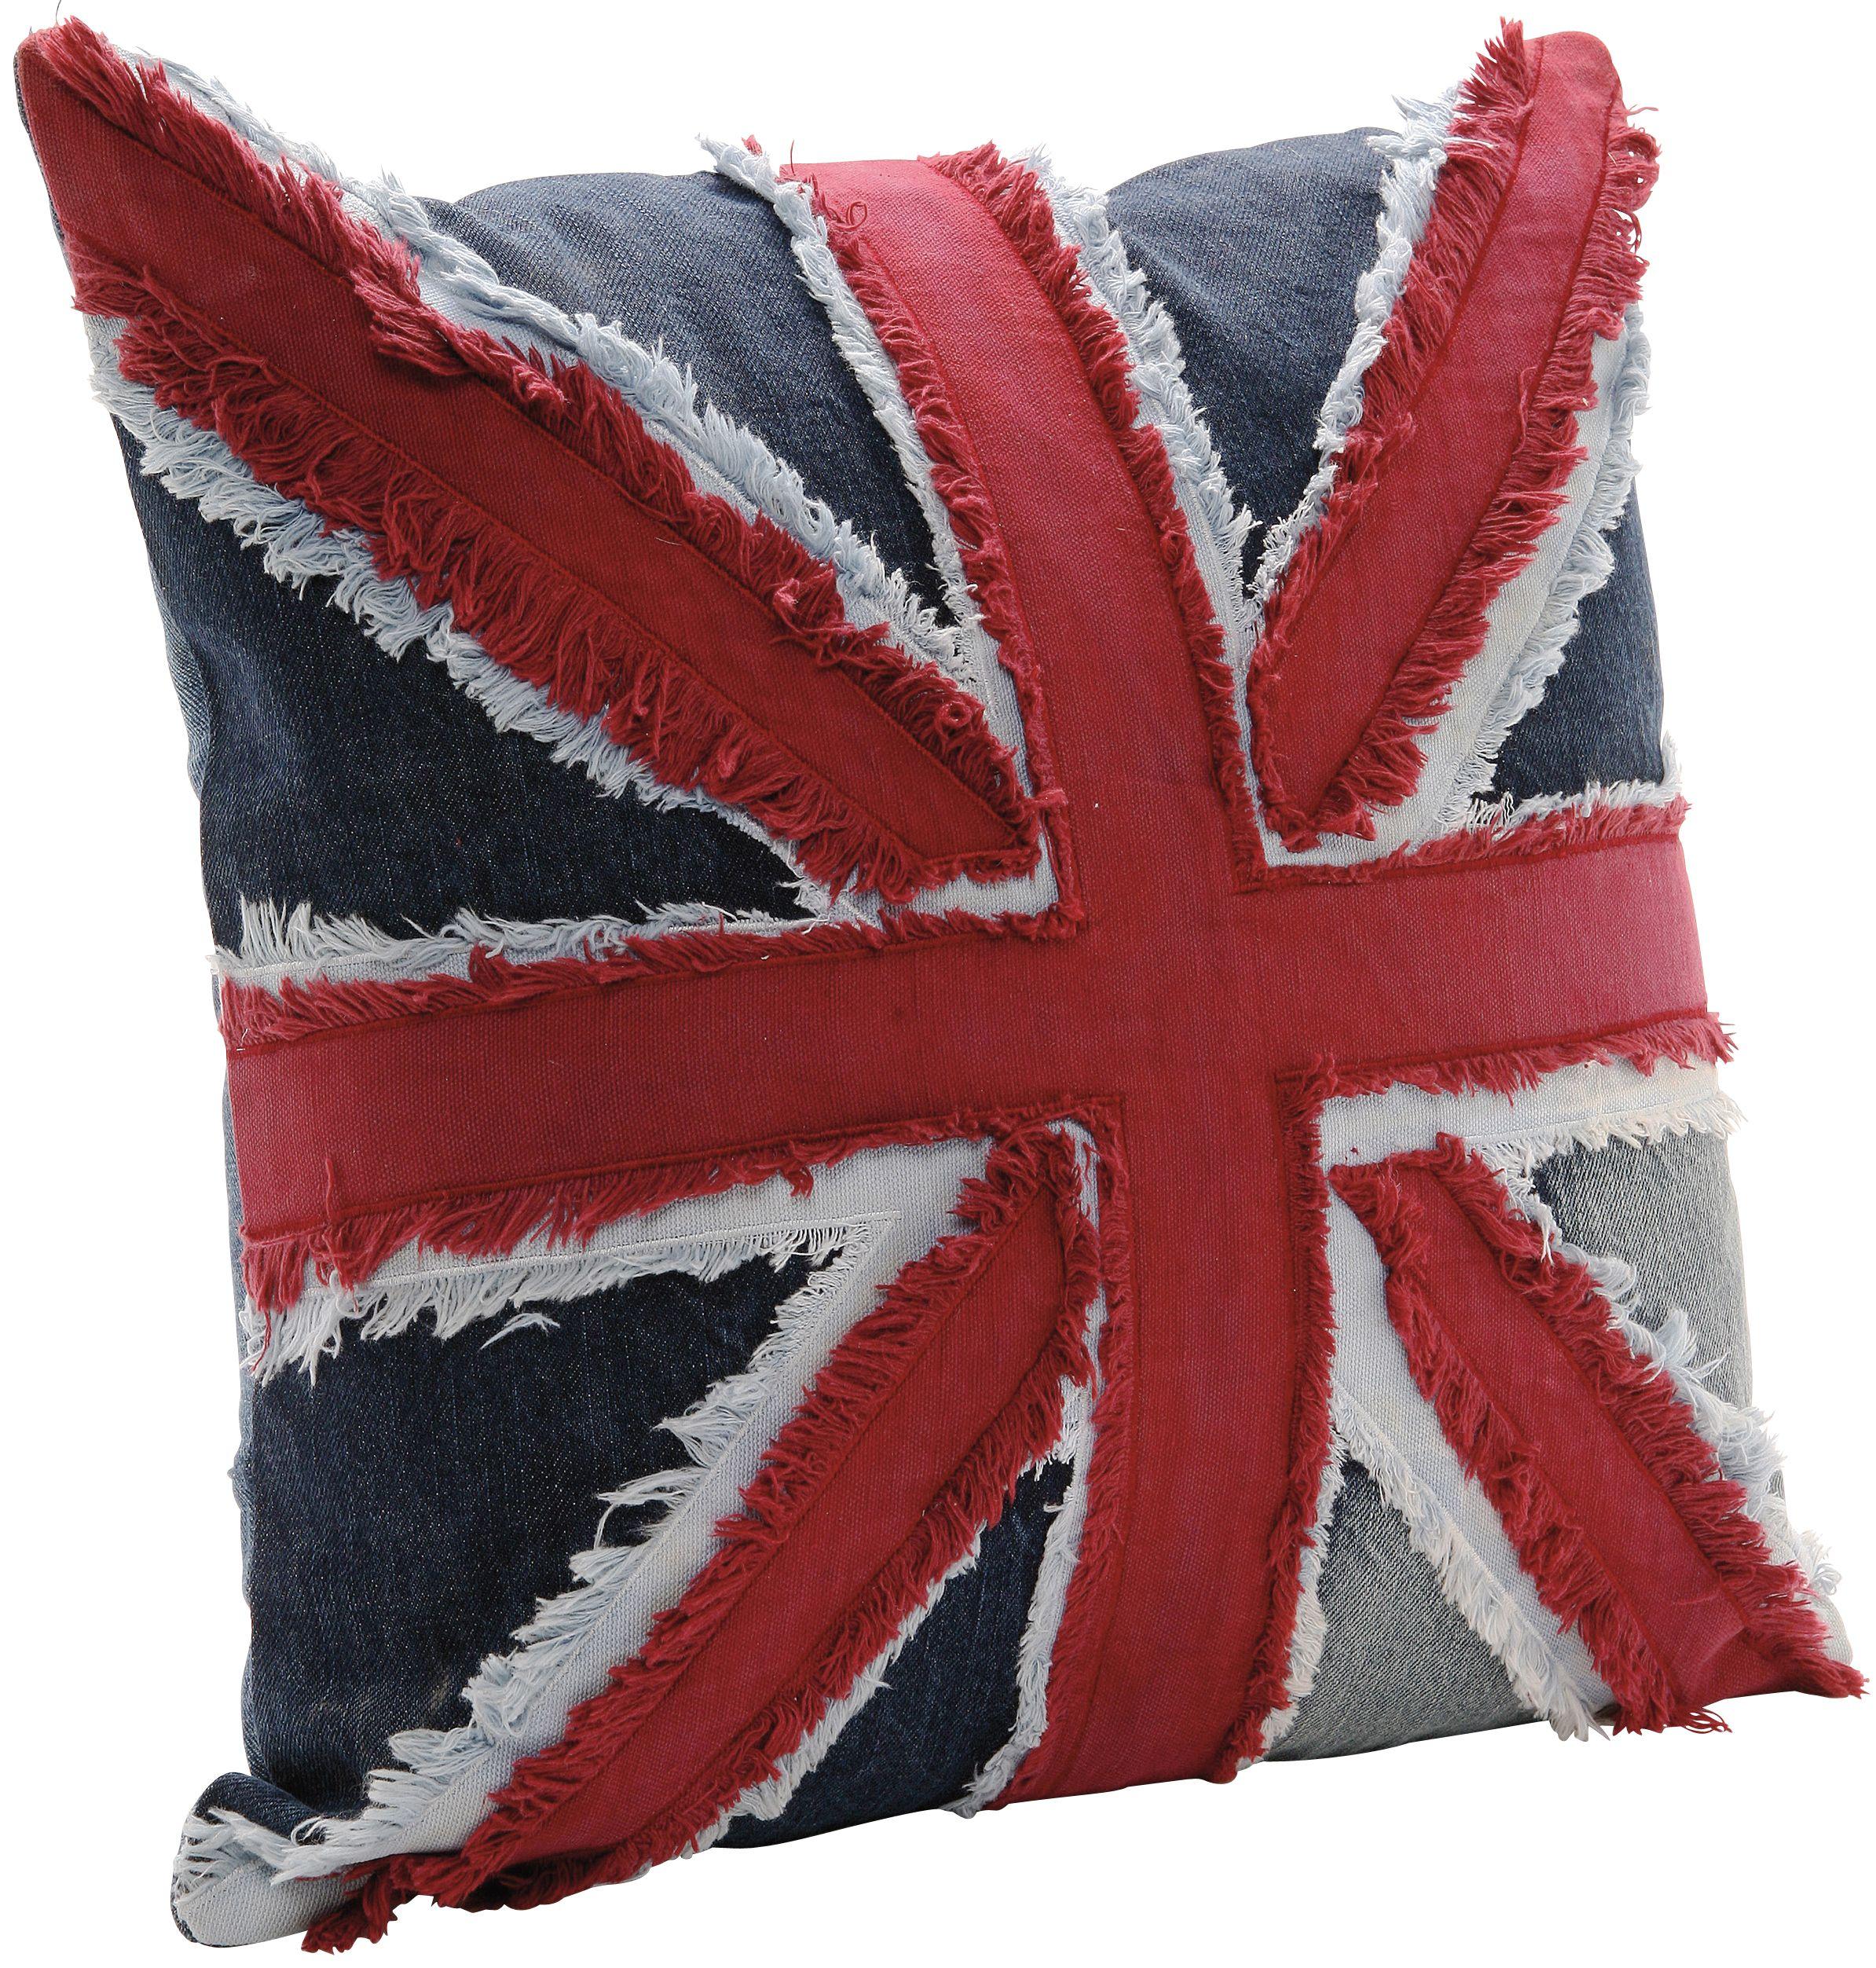 Kare Design Kissen Union Jack In Der Grosse 40 Mal 40 Cm Vollstandig